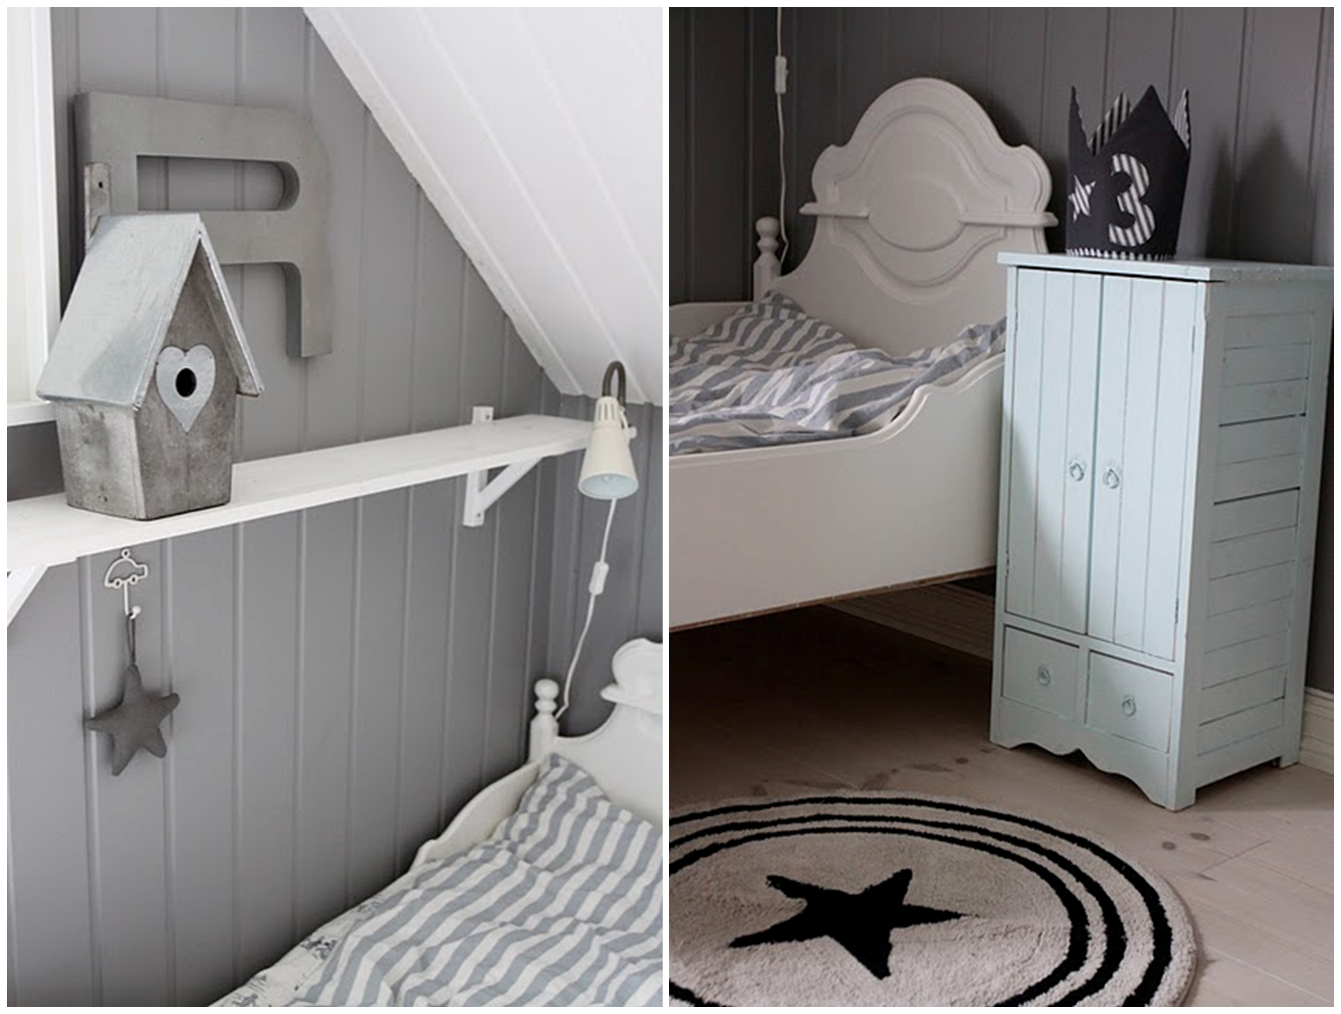 One lovely day scandinavian kids bedrooms for Scandinavian childrens bedroom